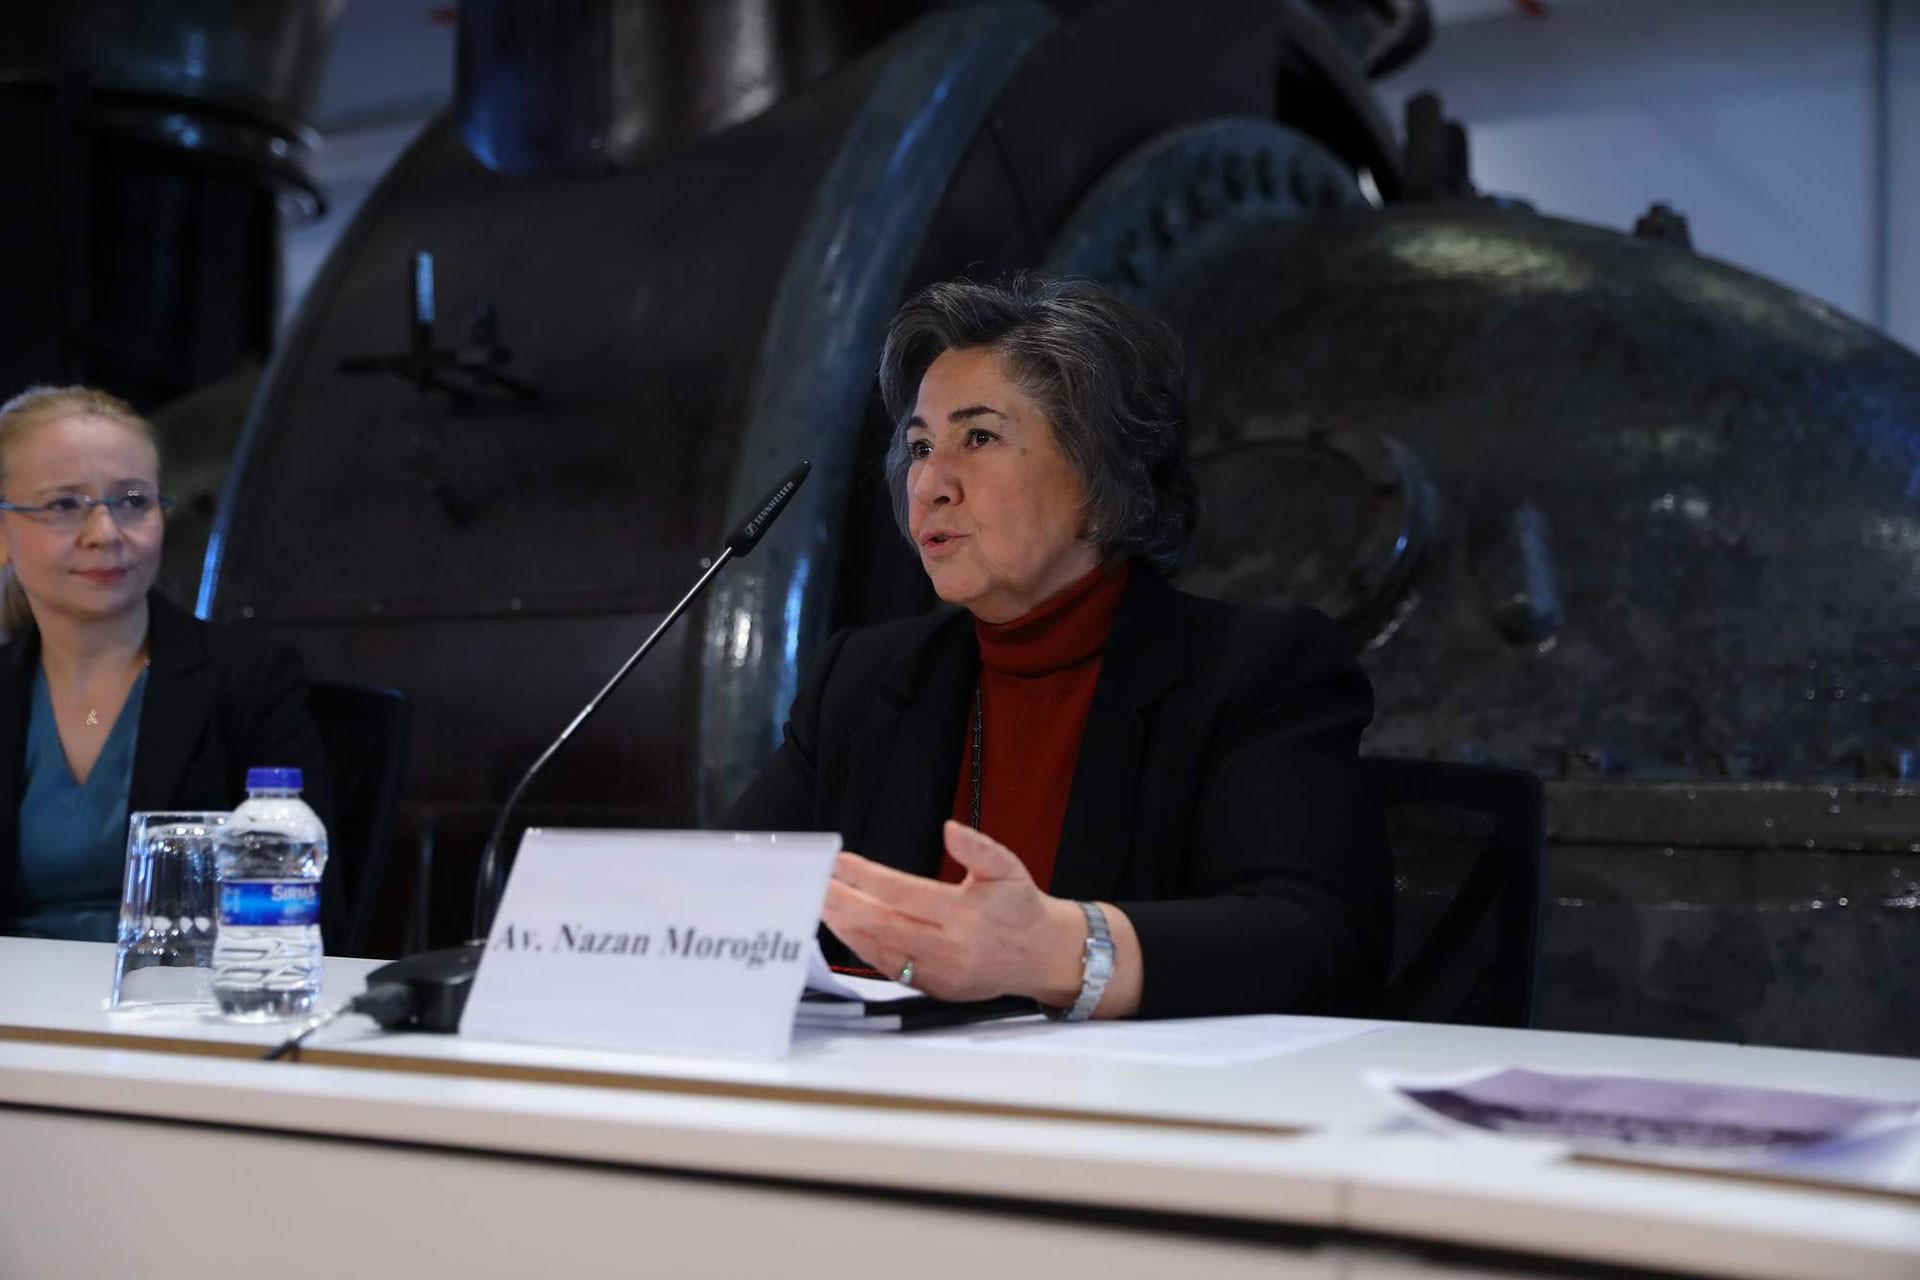 Nazan Moroğlu